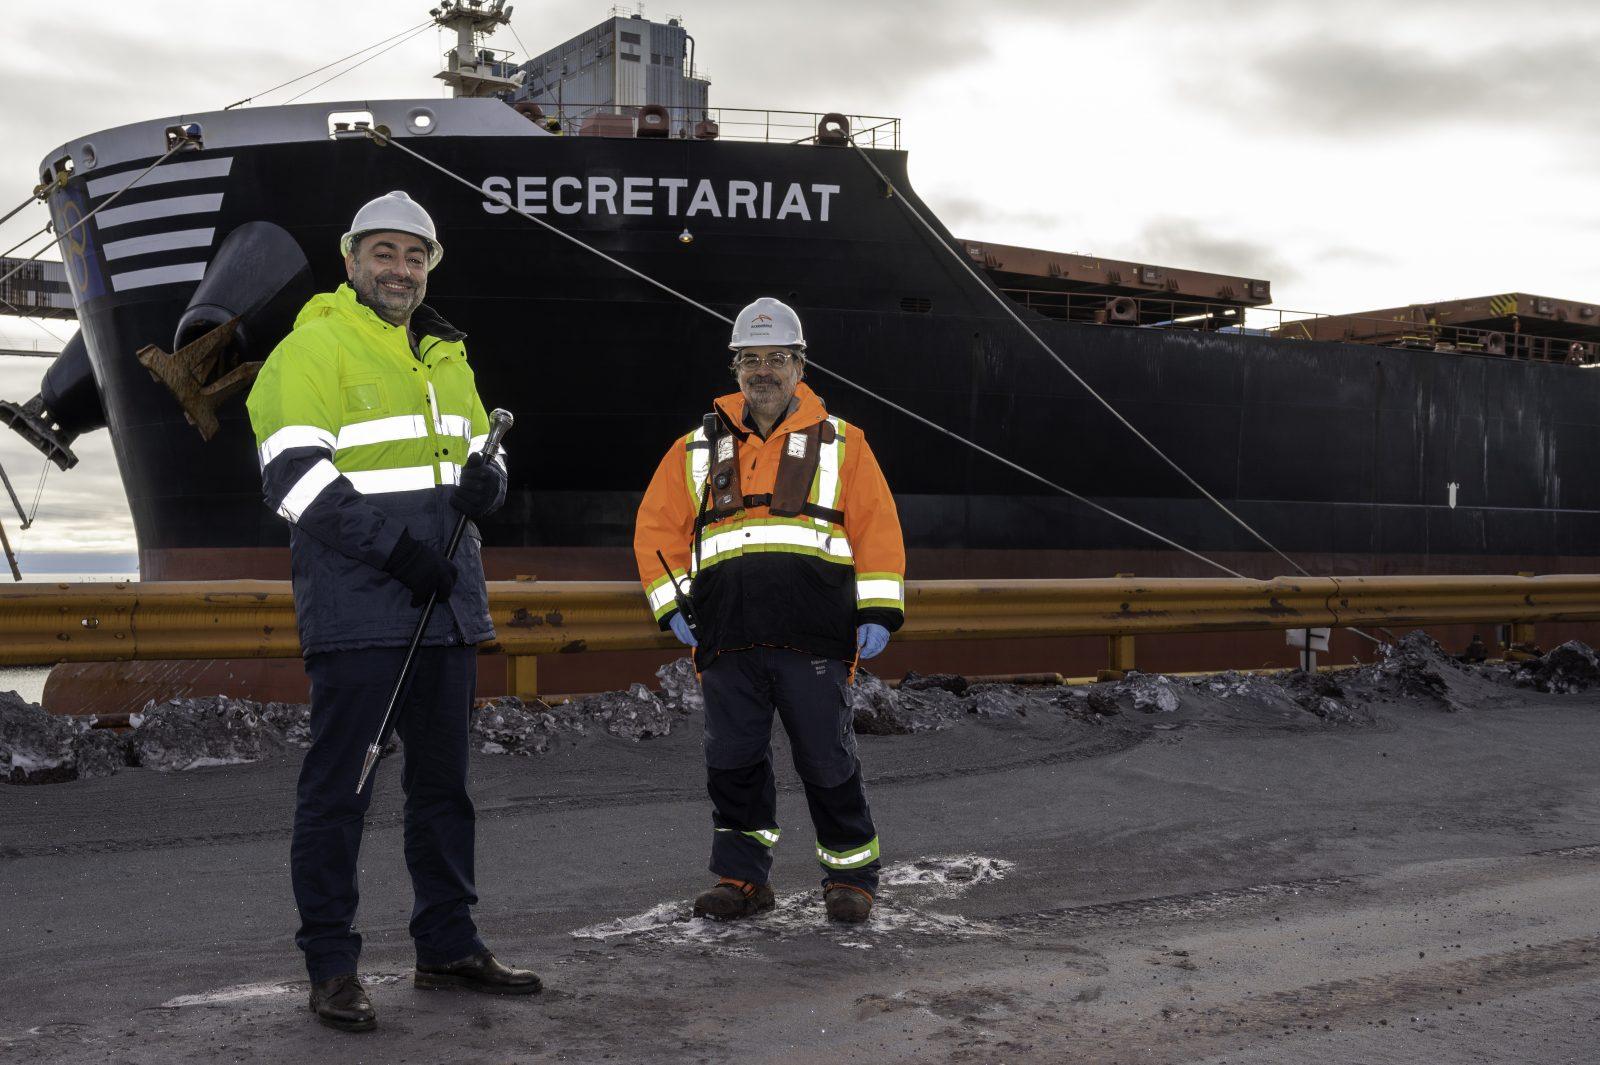 ArcelorMittal remet la canne à pommeau d'acier au Secretariat